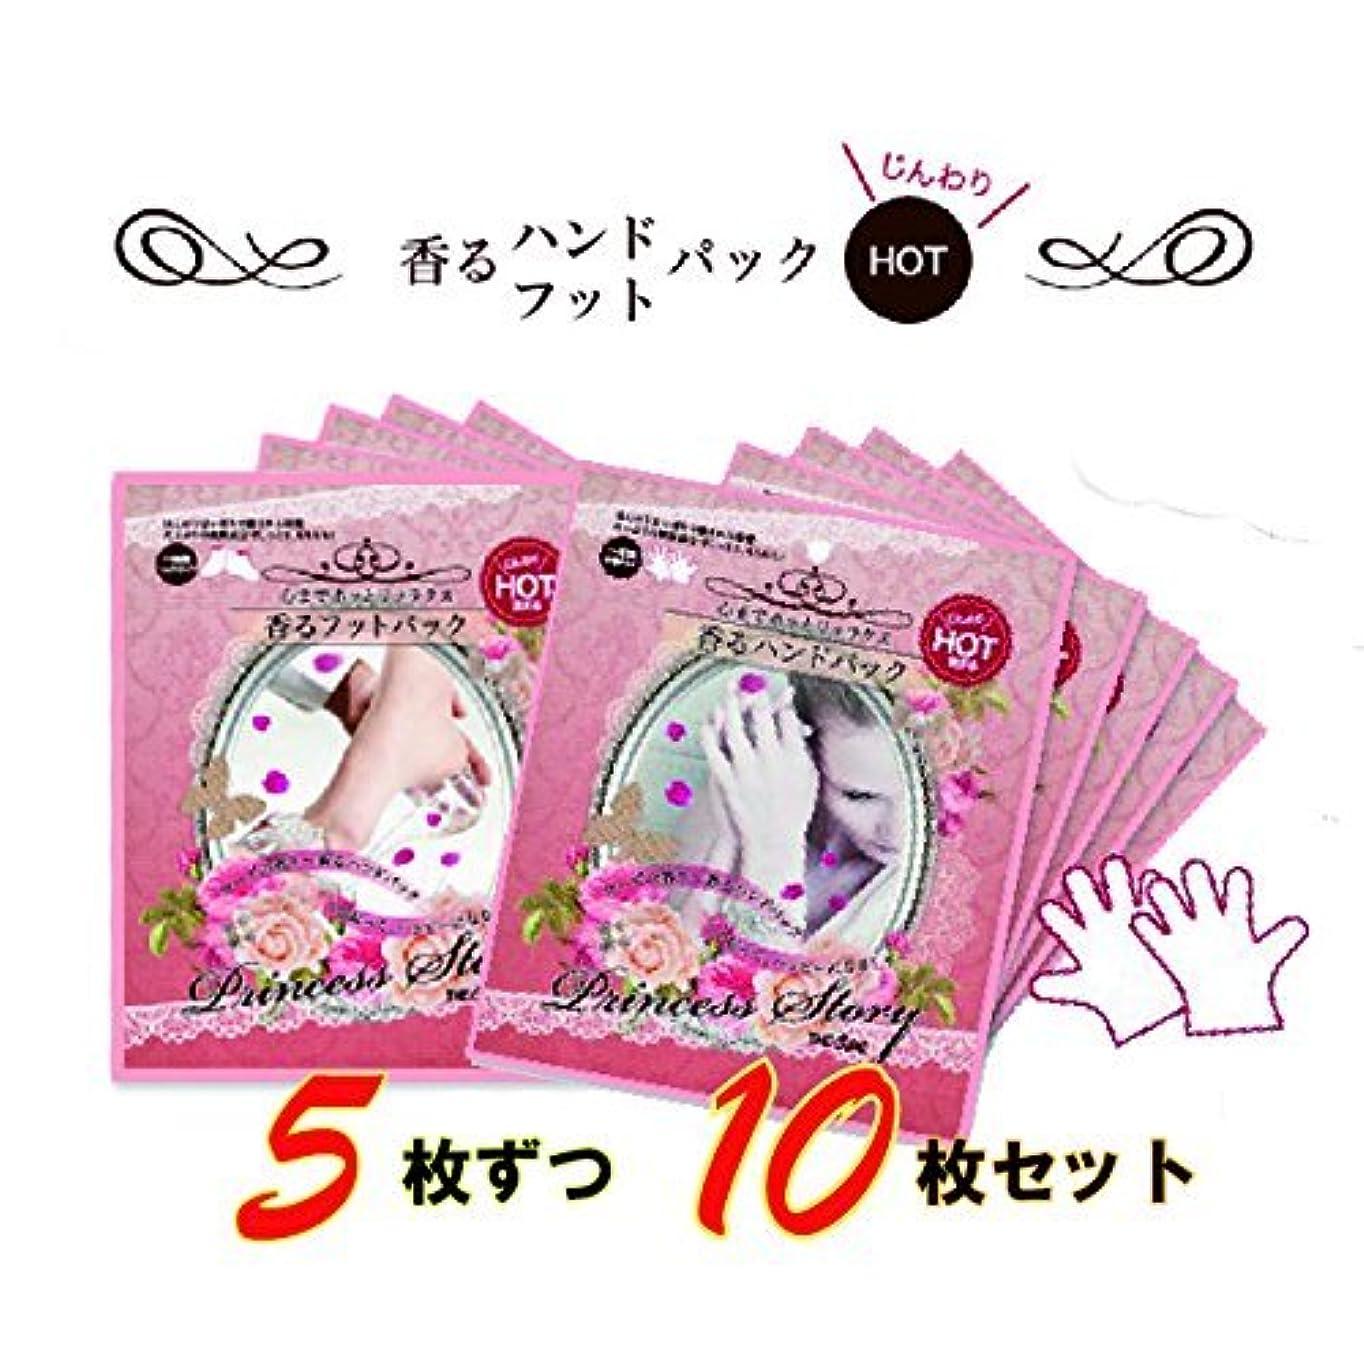 肺不条理予定香るハンド &フットパック HOT キュア プリンセス ストーリーTHE CURE 5枚ずつ10枚セット